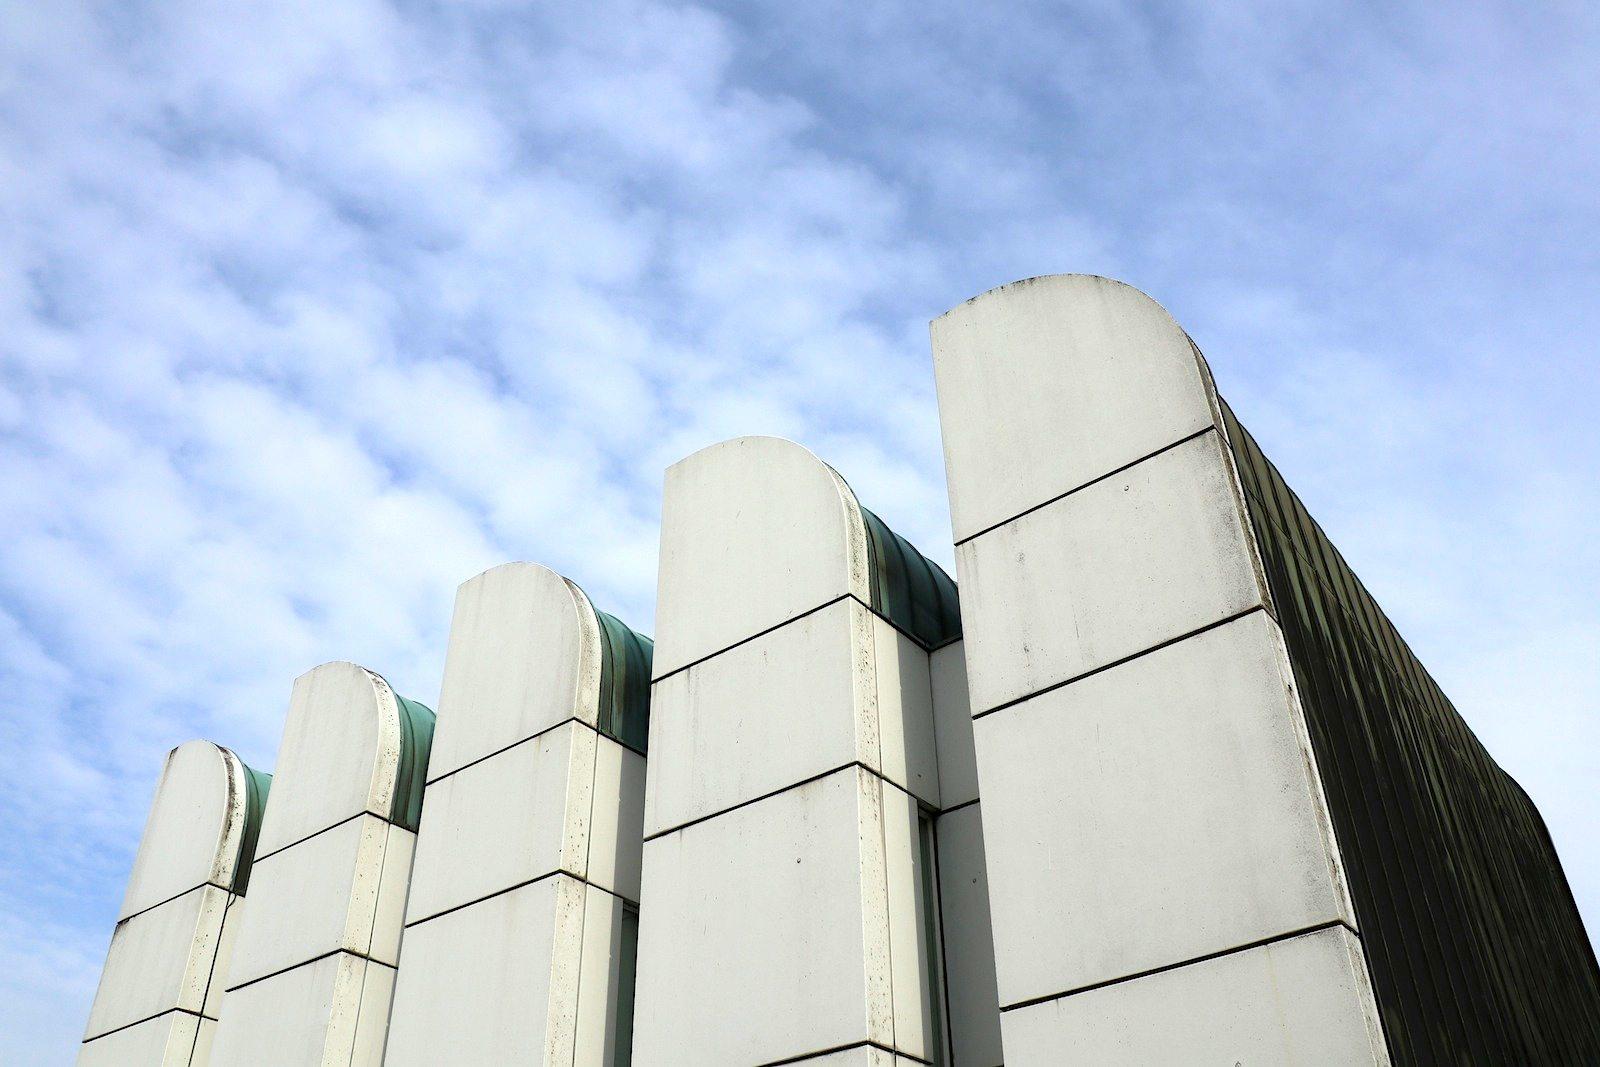 Bauhaus-Archiv / Museum für Gestaltung.  Zentrale Elemente werden der gläserne Turm und die stärkere Präsenz in der Umgebung sein. Geplante Fertigstellung: 2021.